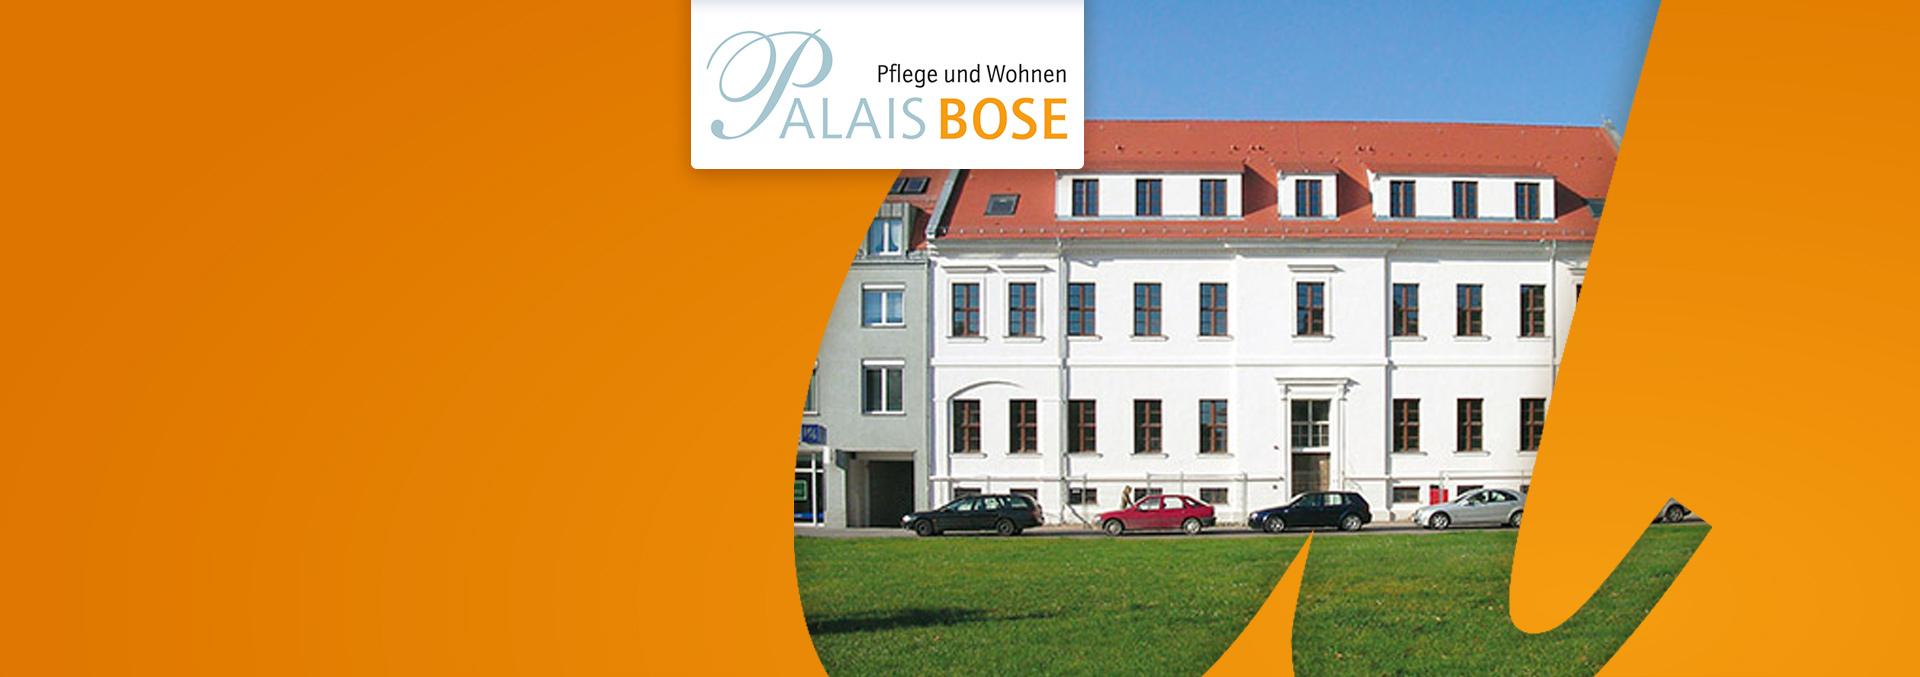 Pflege und Wohnen im Palais Bose: Rückansicht des weißen Gebäudes mit Autos davor, über eine Wiese fotografiert.